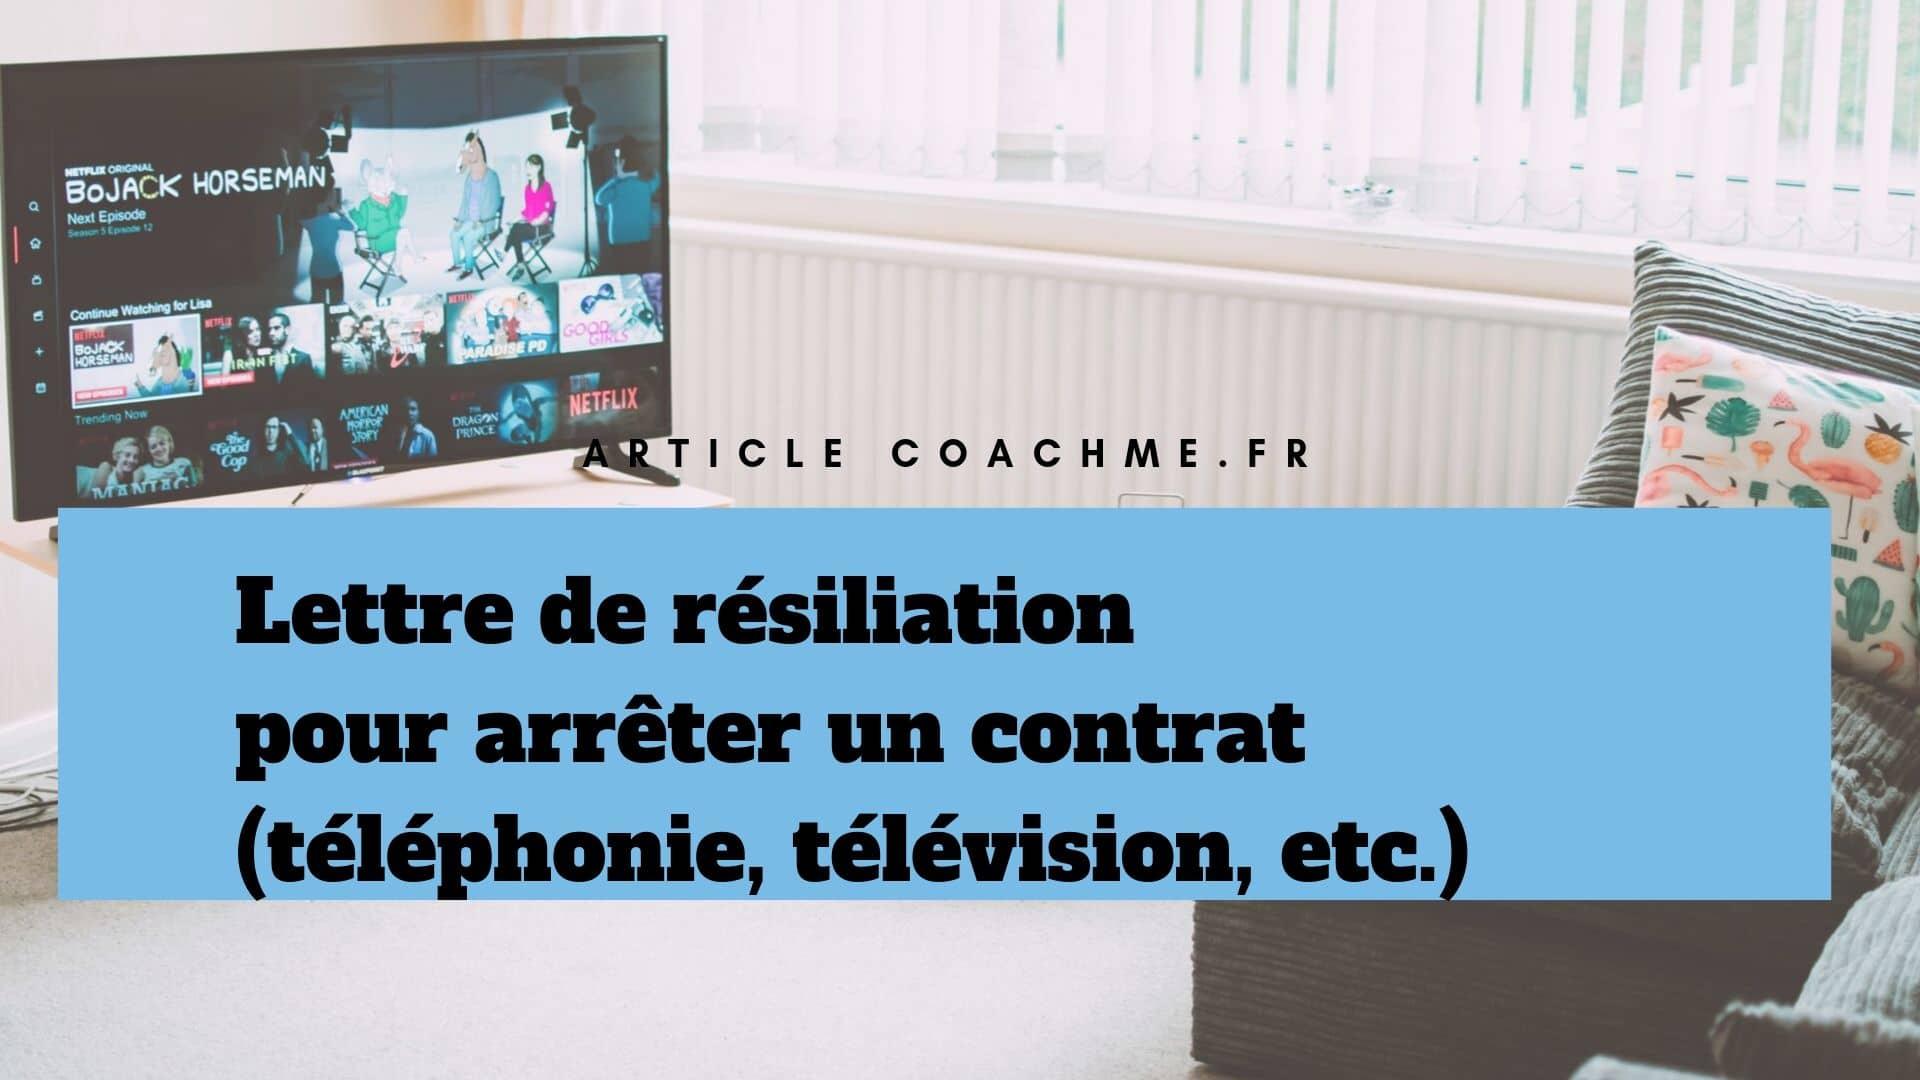 Lettre De Resiliation Pour Arreter Un Contrat Telephonie Television Etc